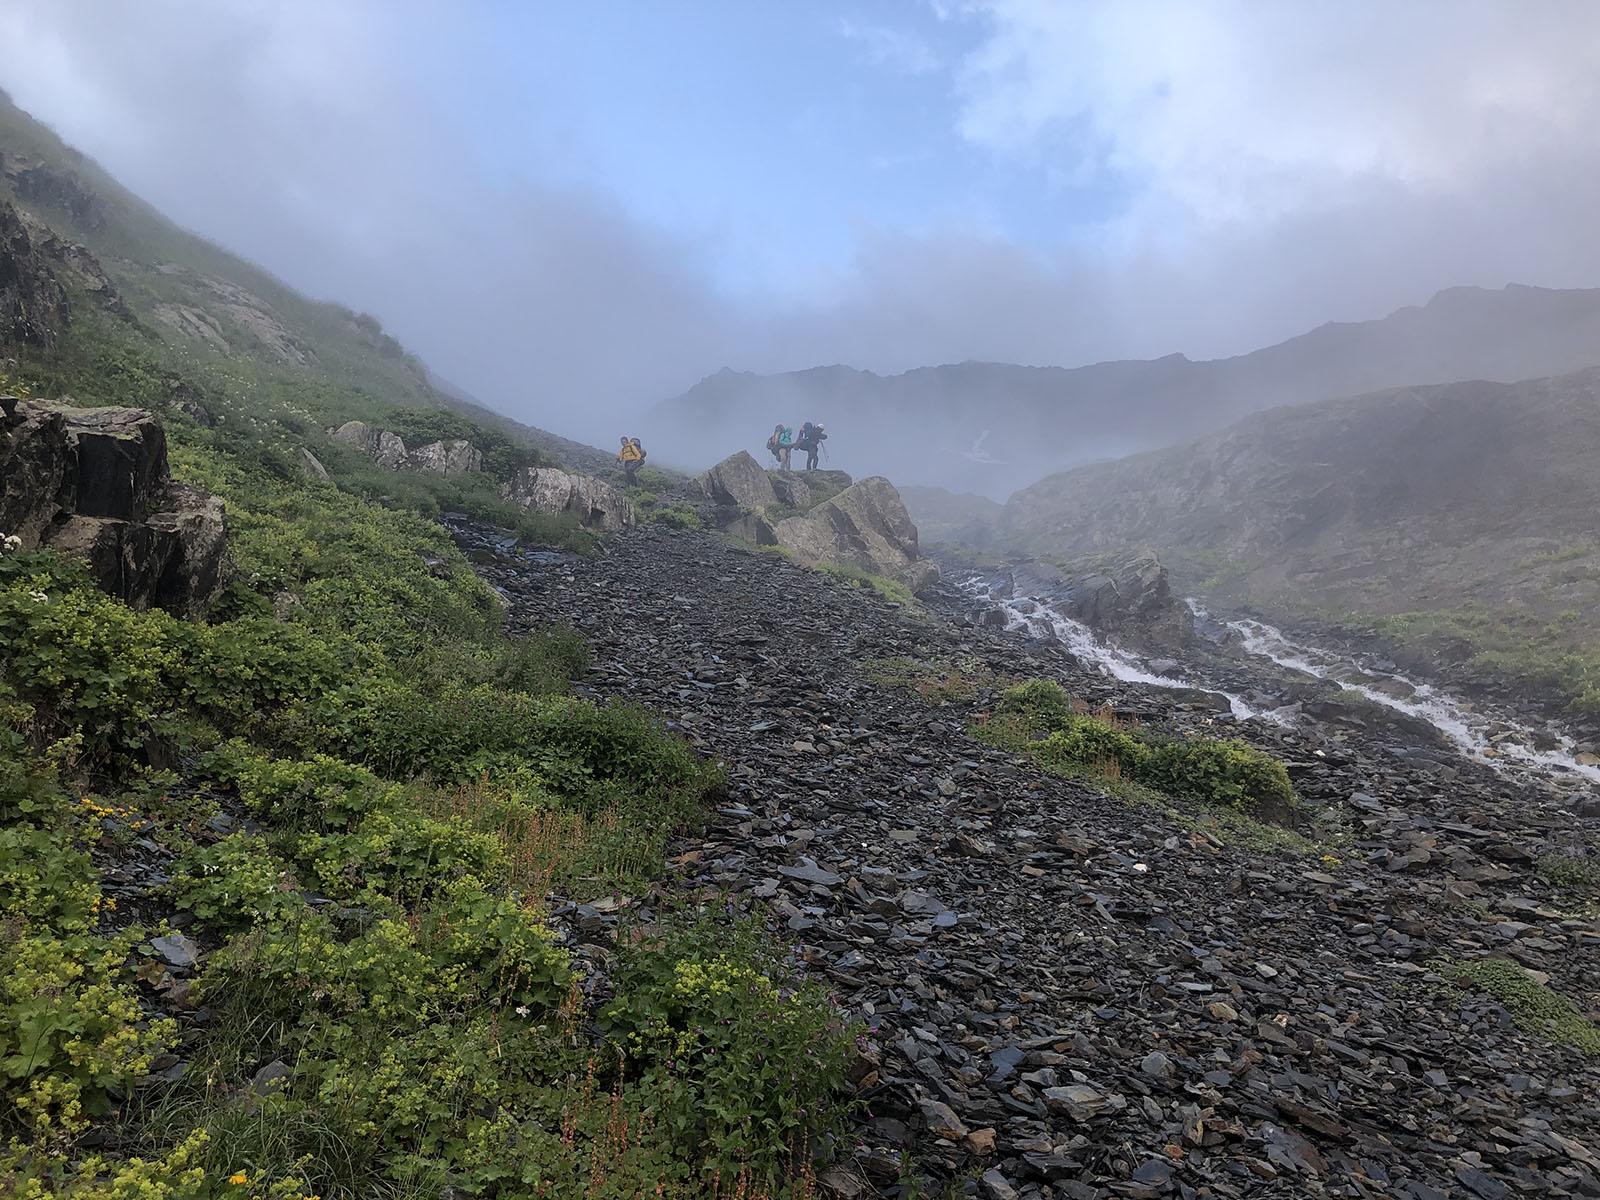 На спуске к реке Дзамарашдон